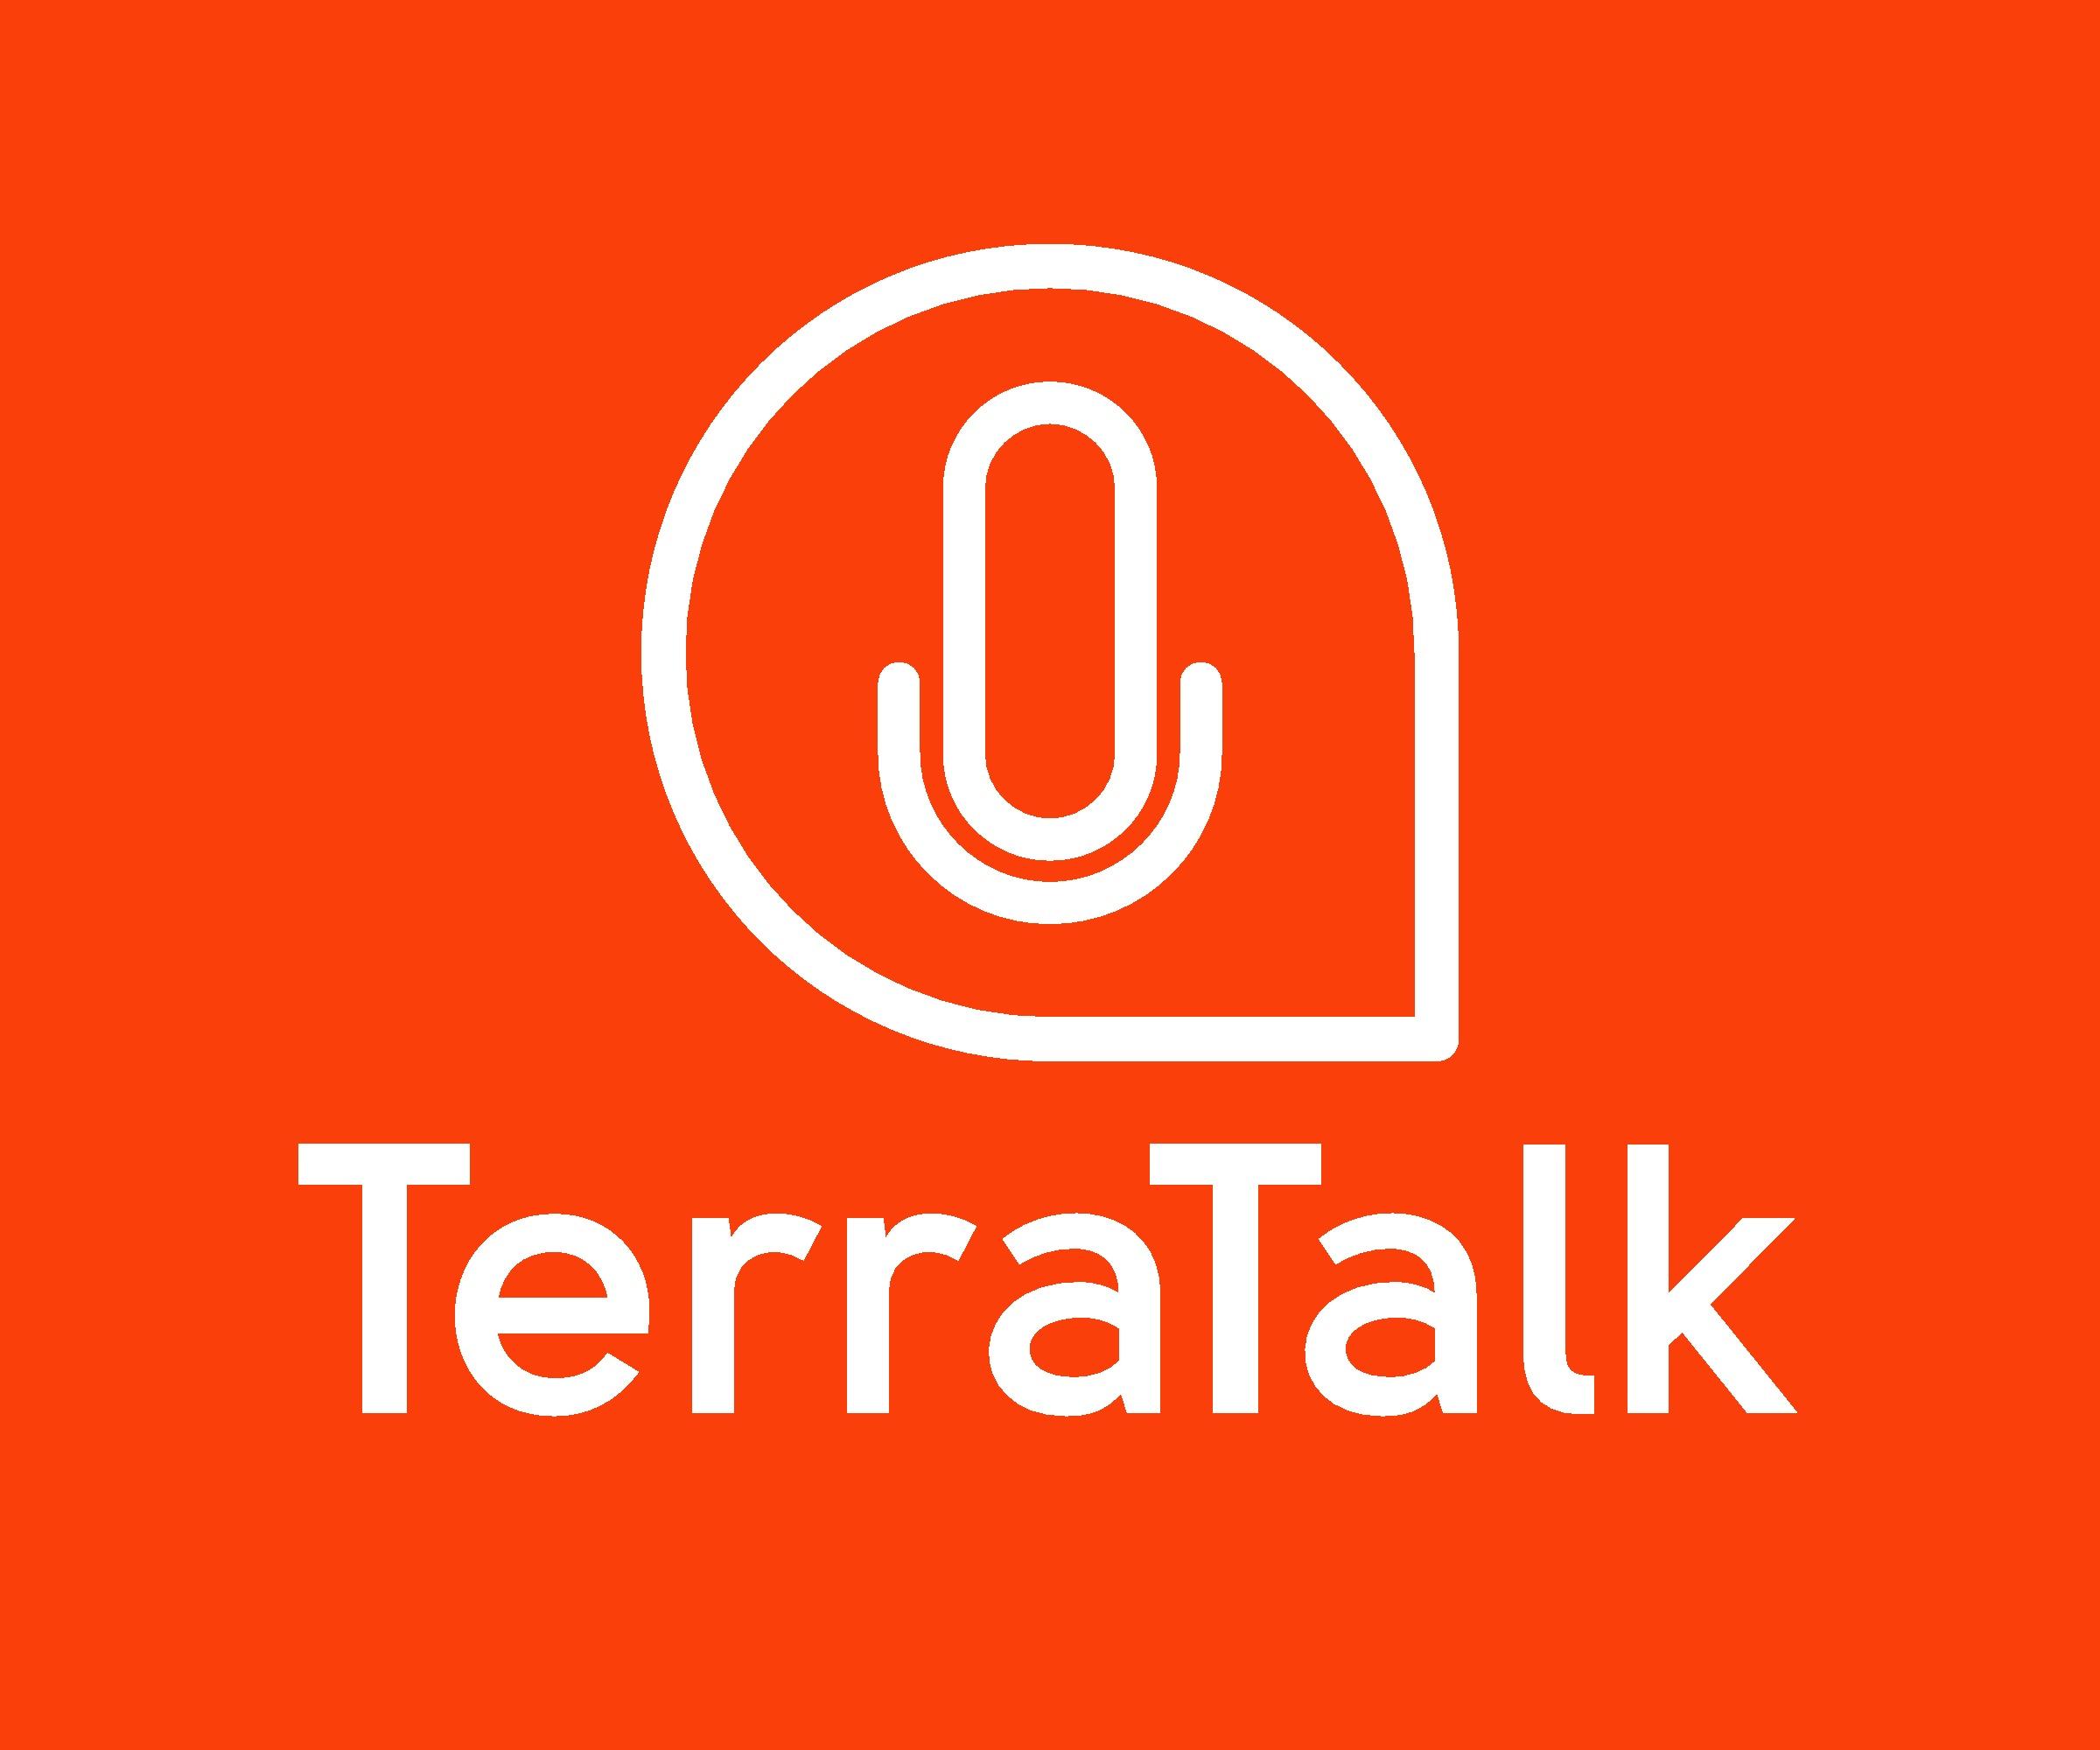 App called Terratalk